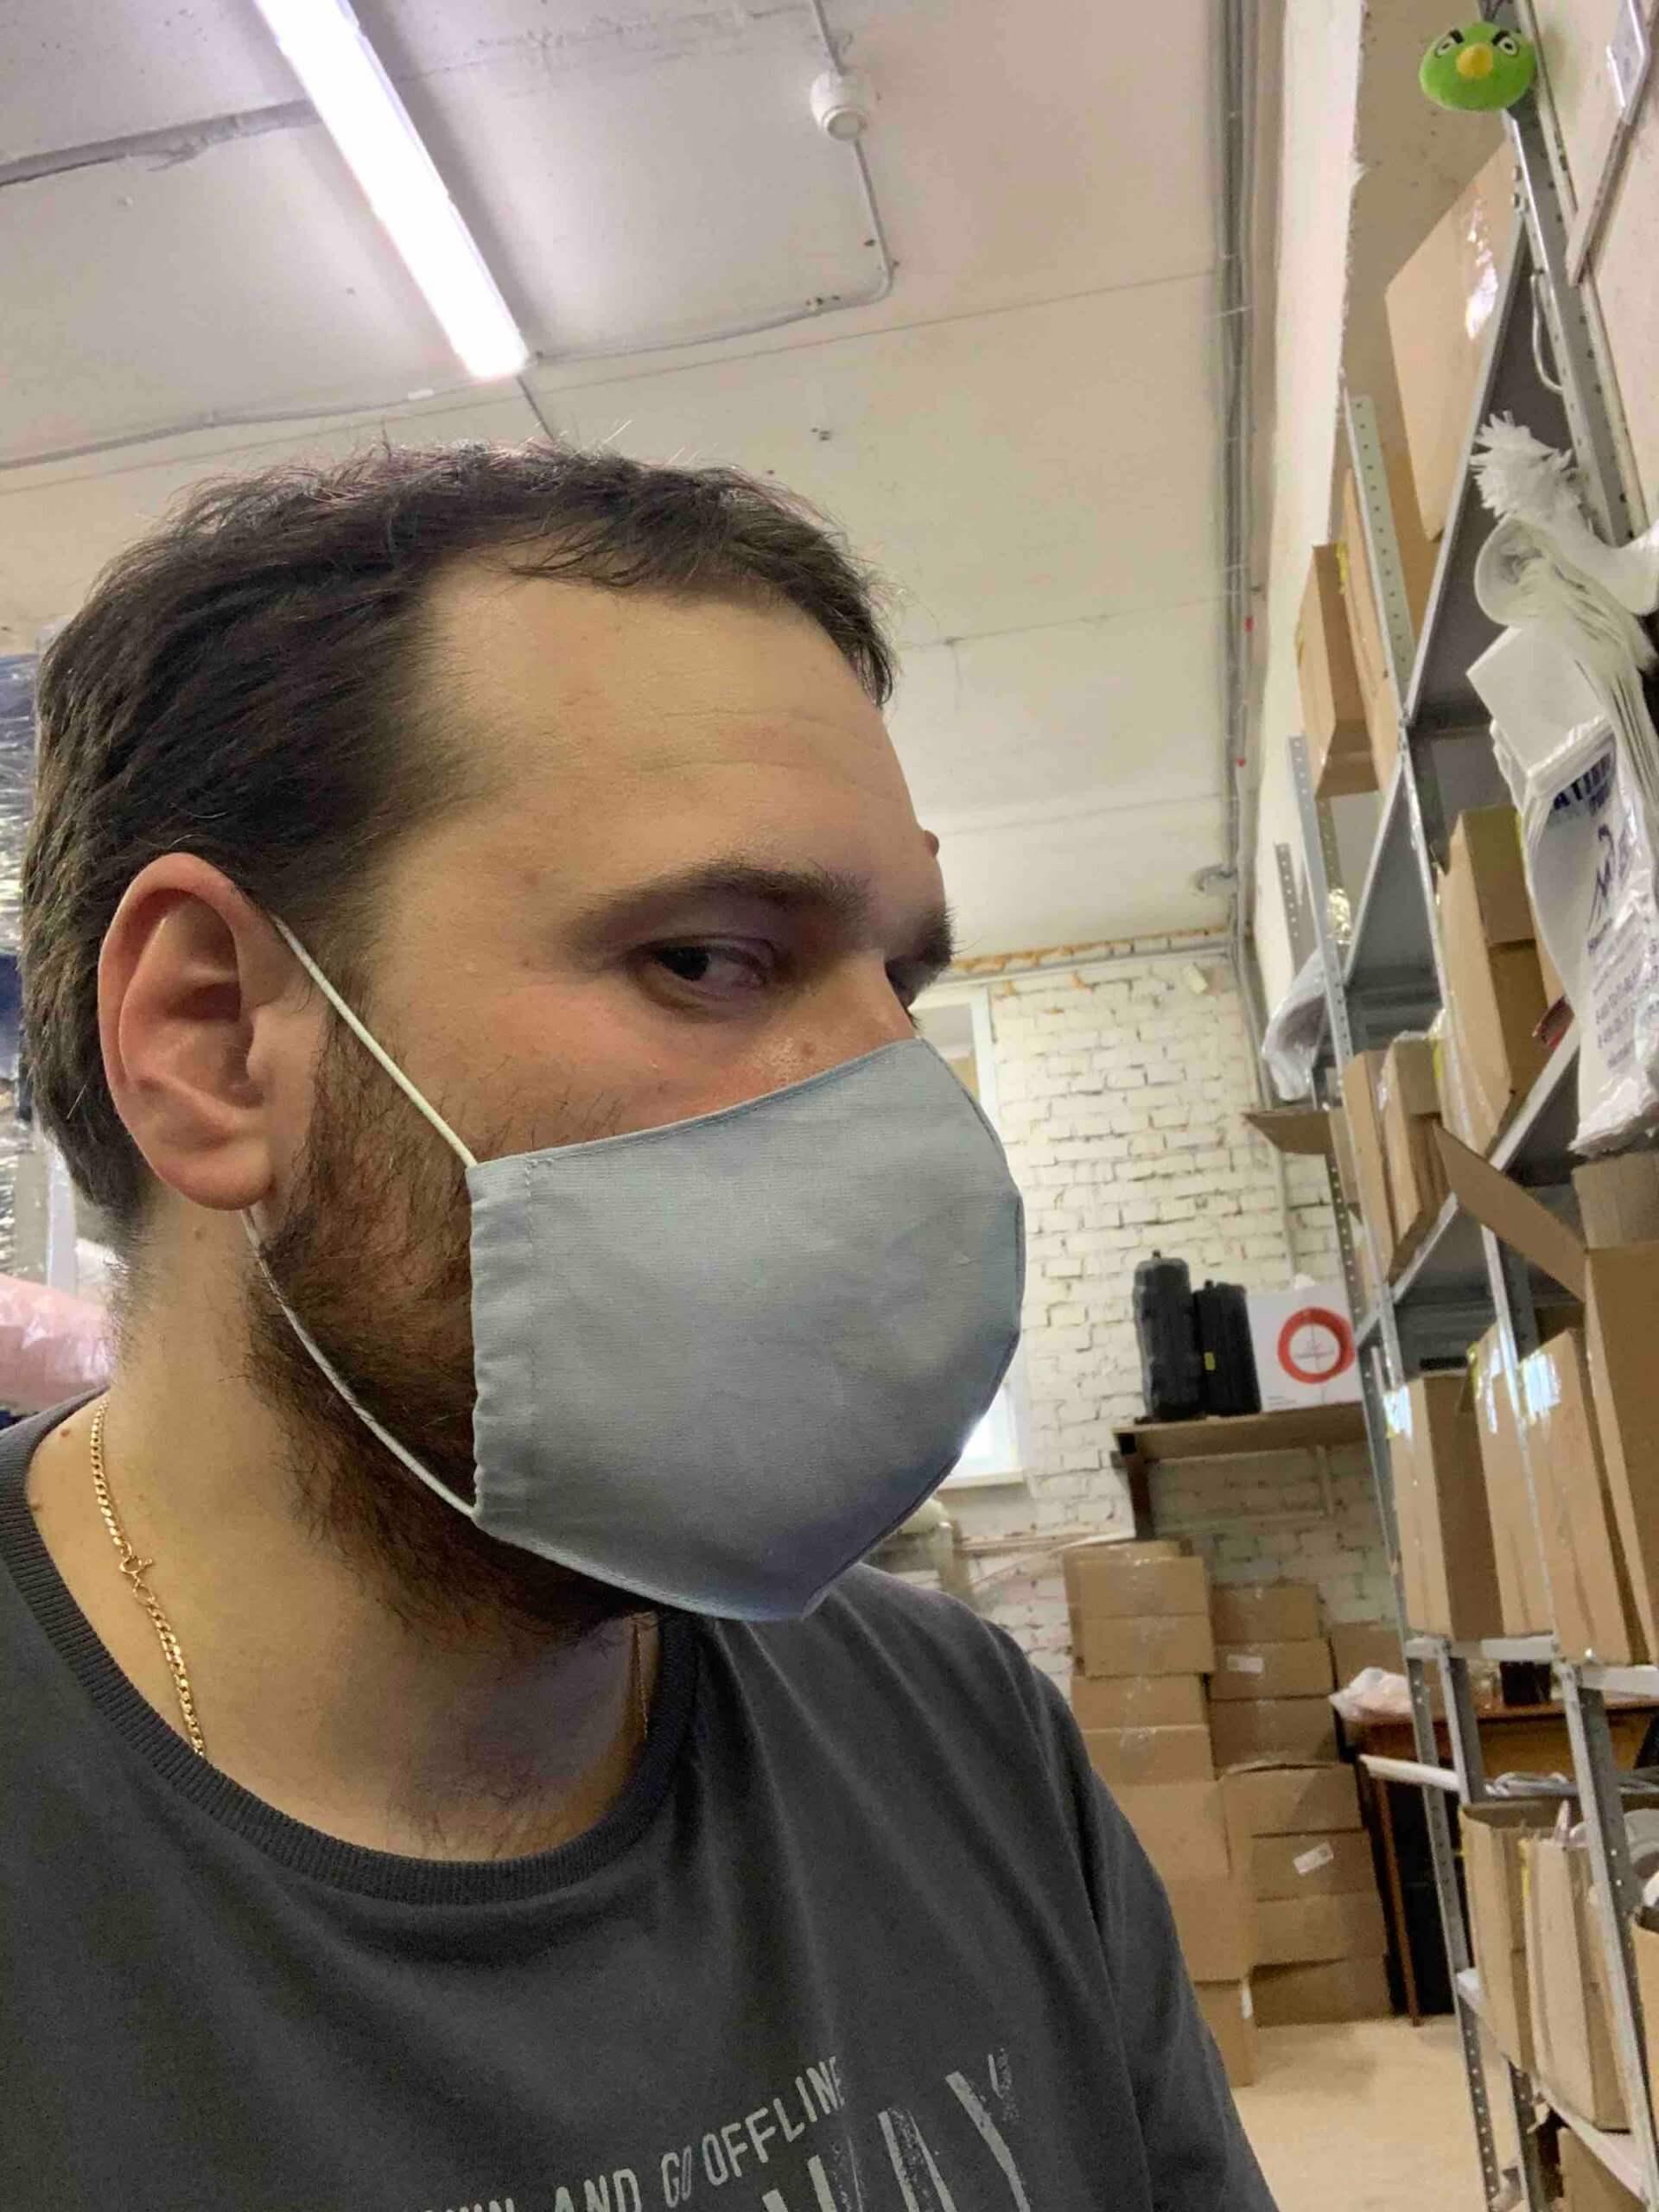 Маска защитная на лице в профиль